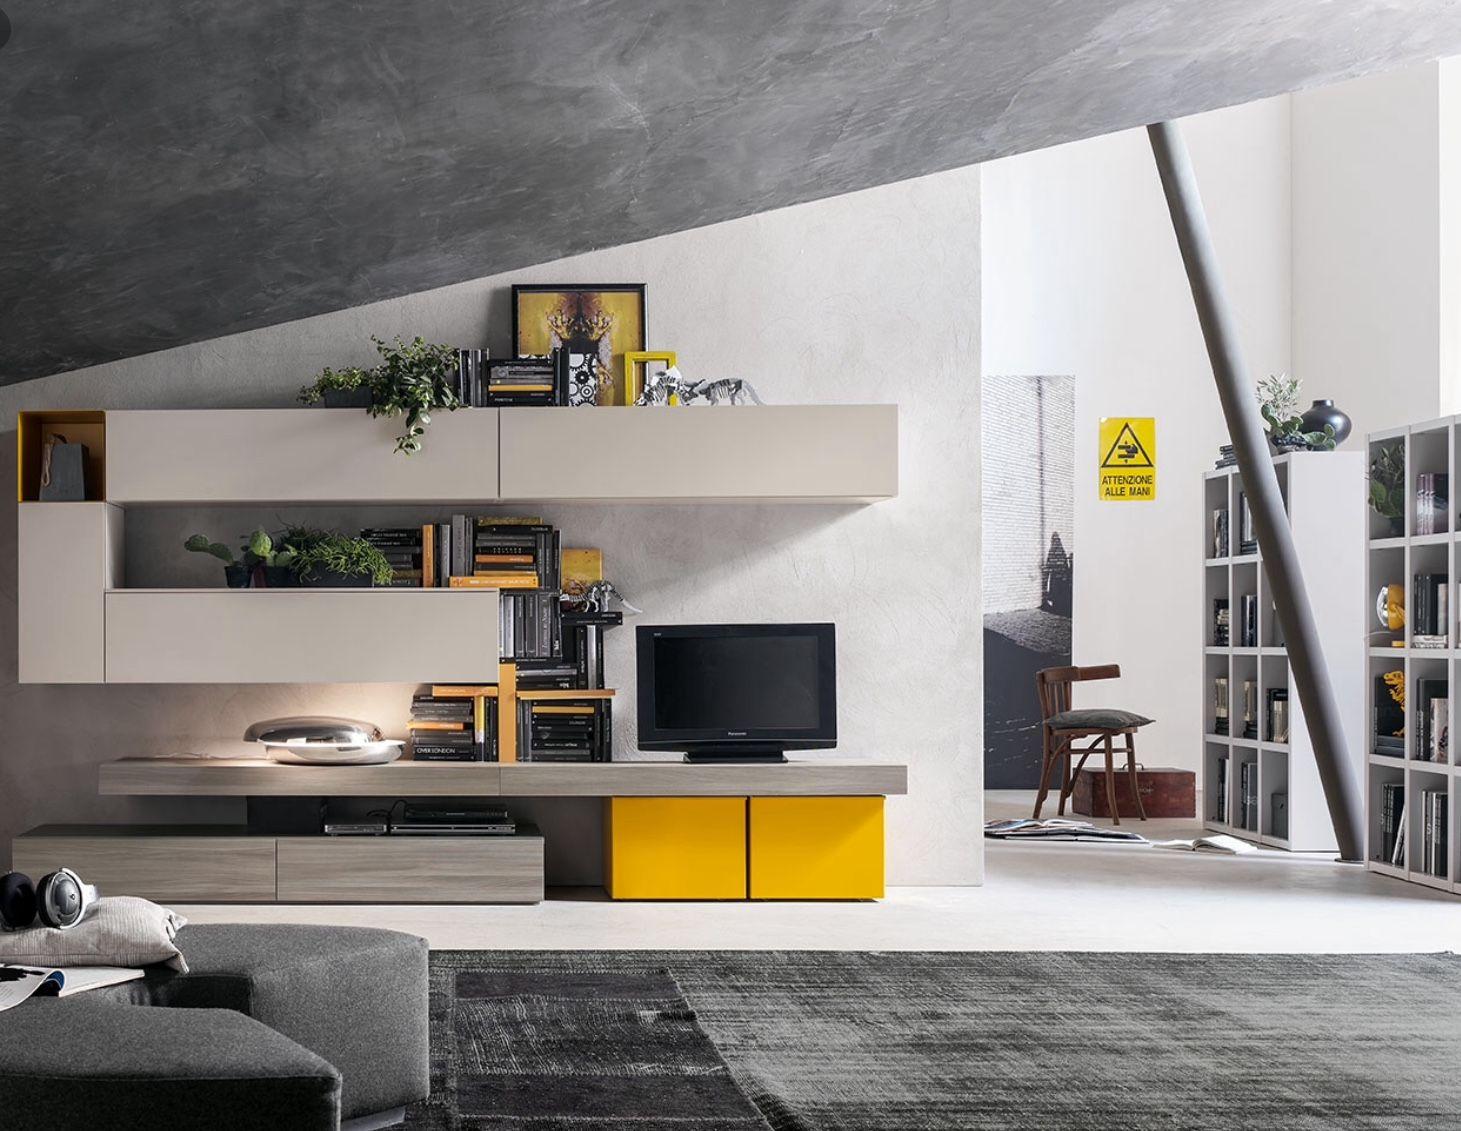 Pin di Arredi Buzzurro su Idee utili per piccoli spazi ...